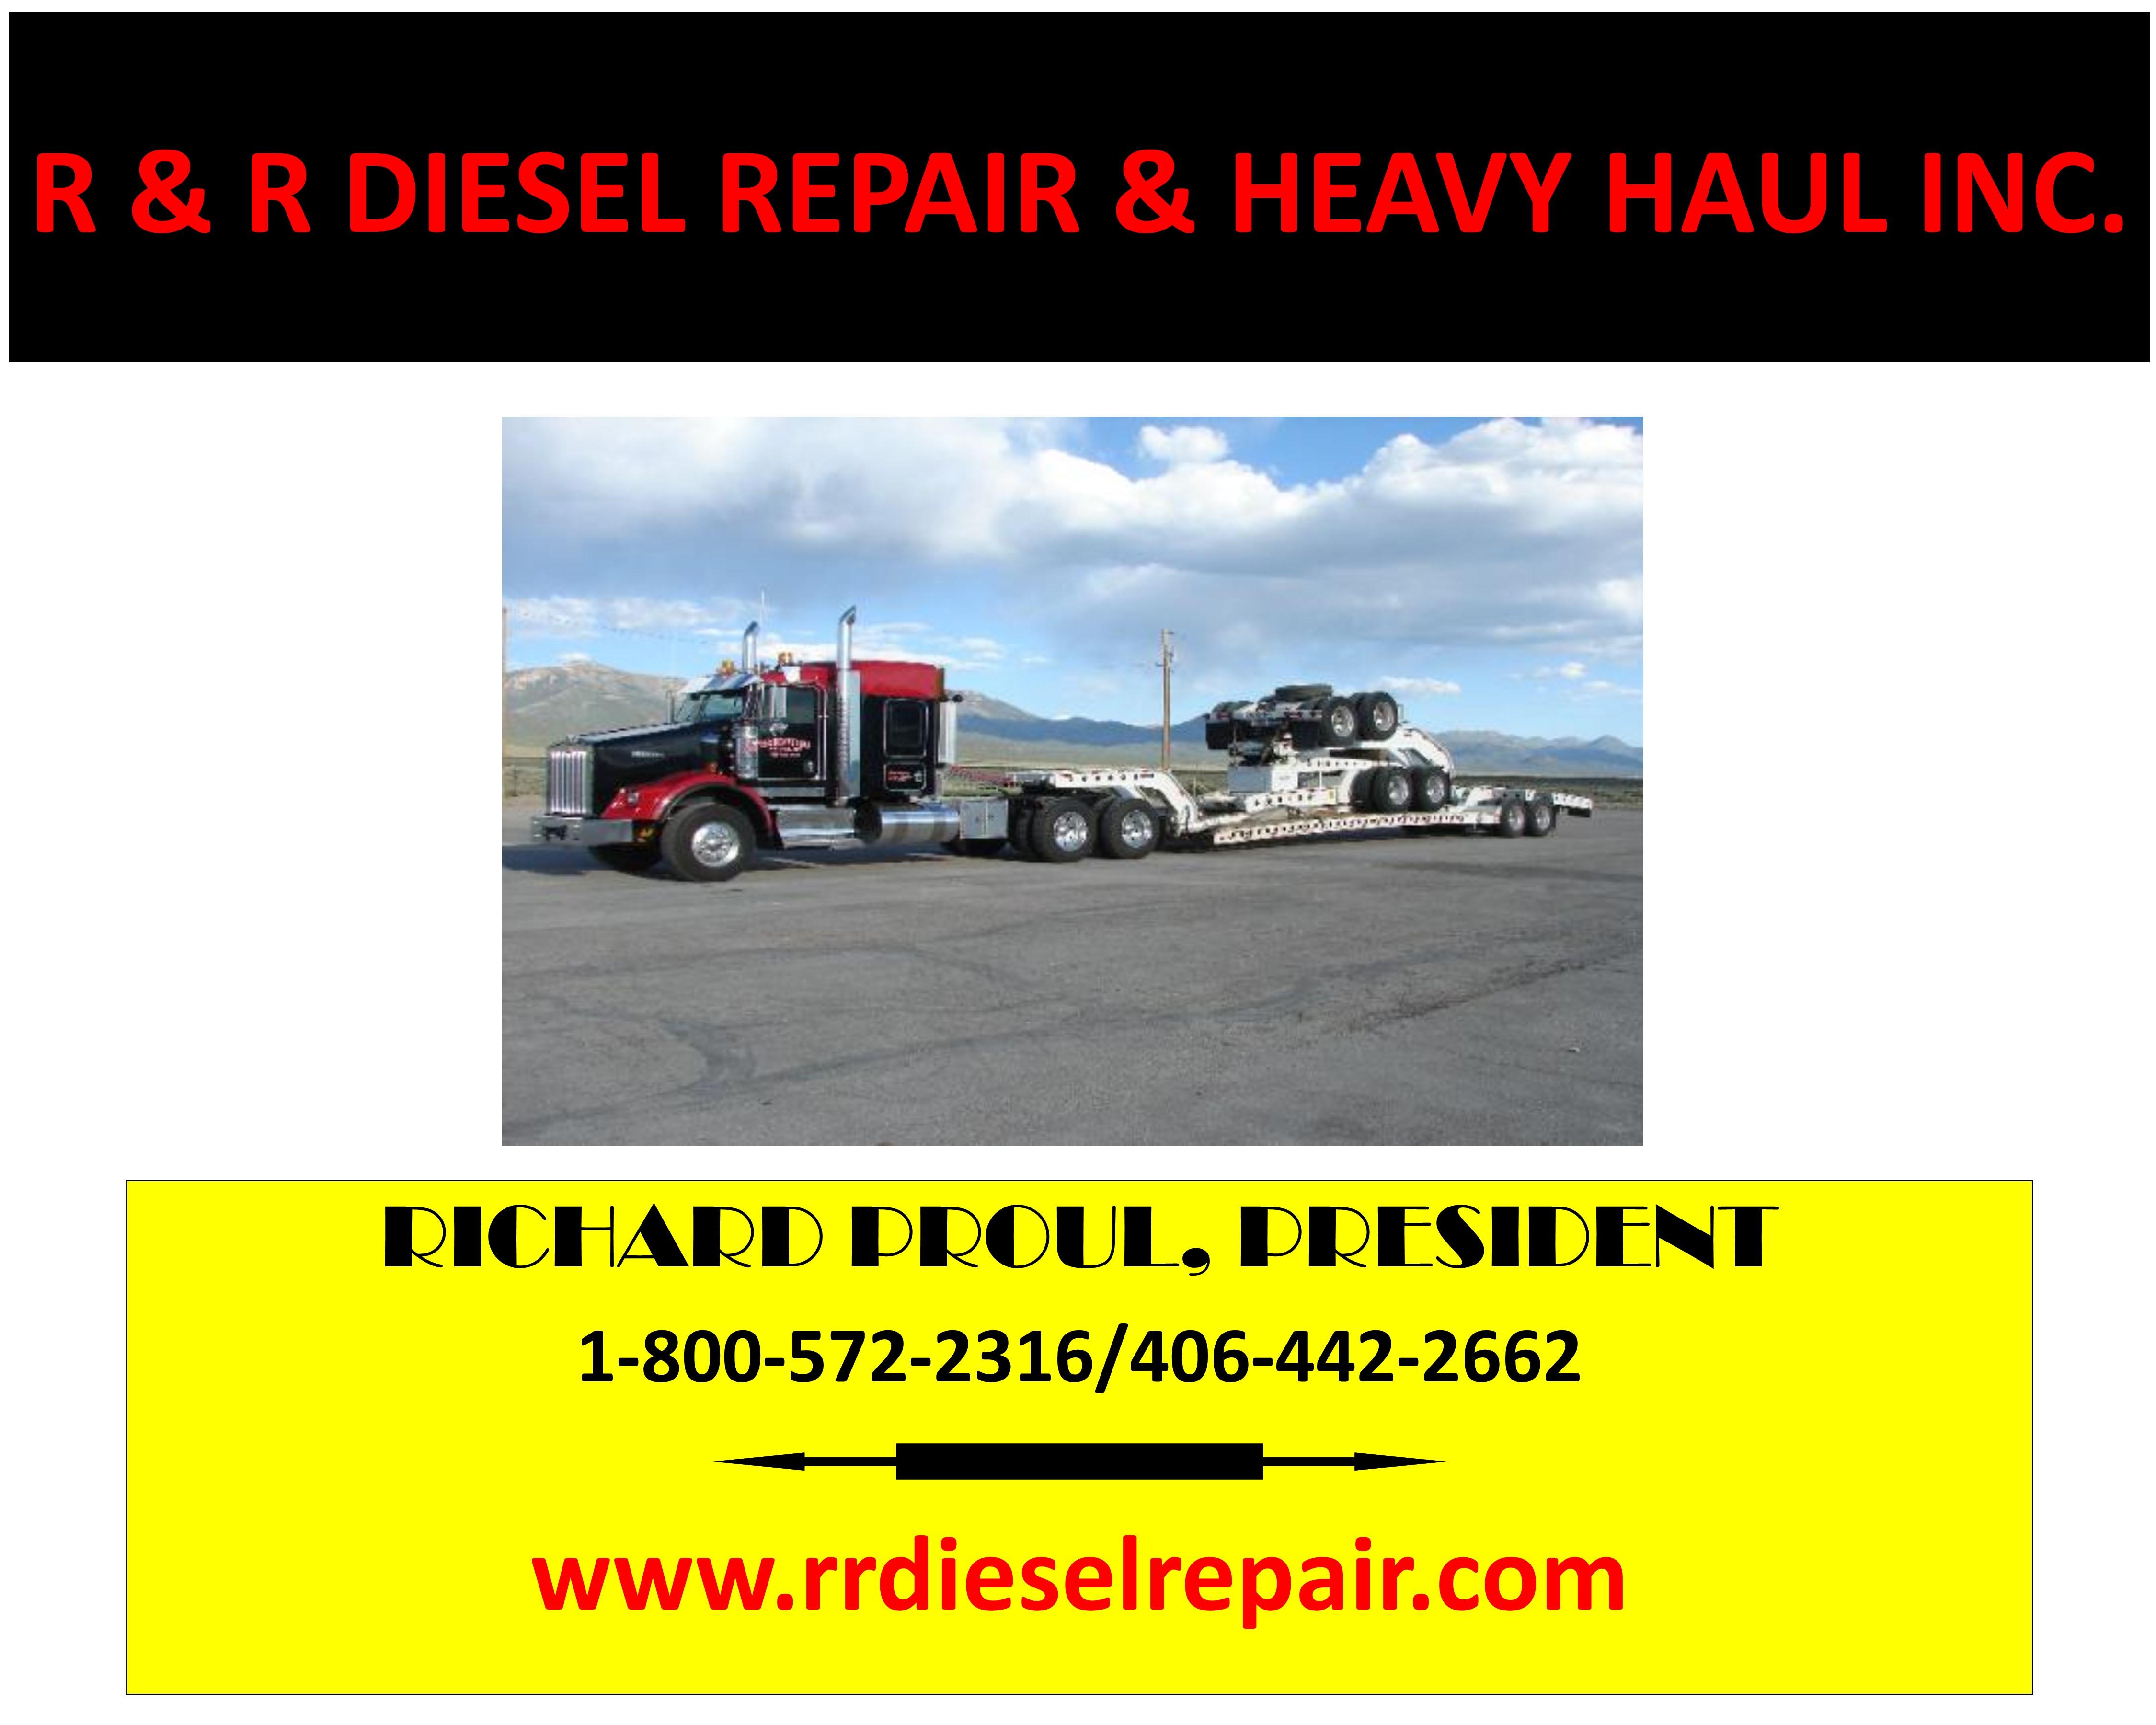 R & R Diesel